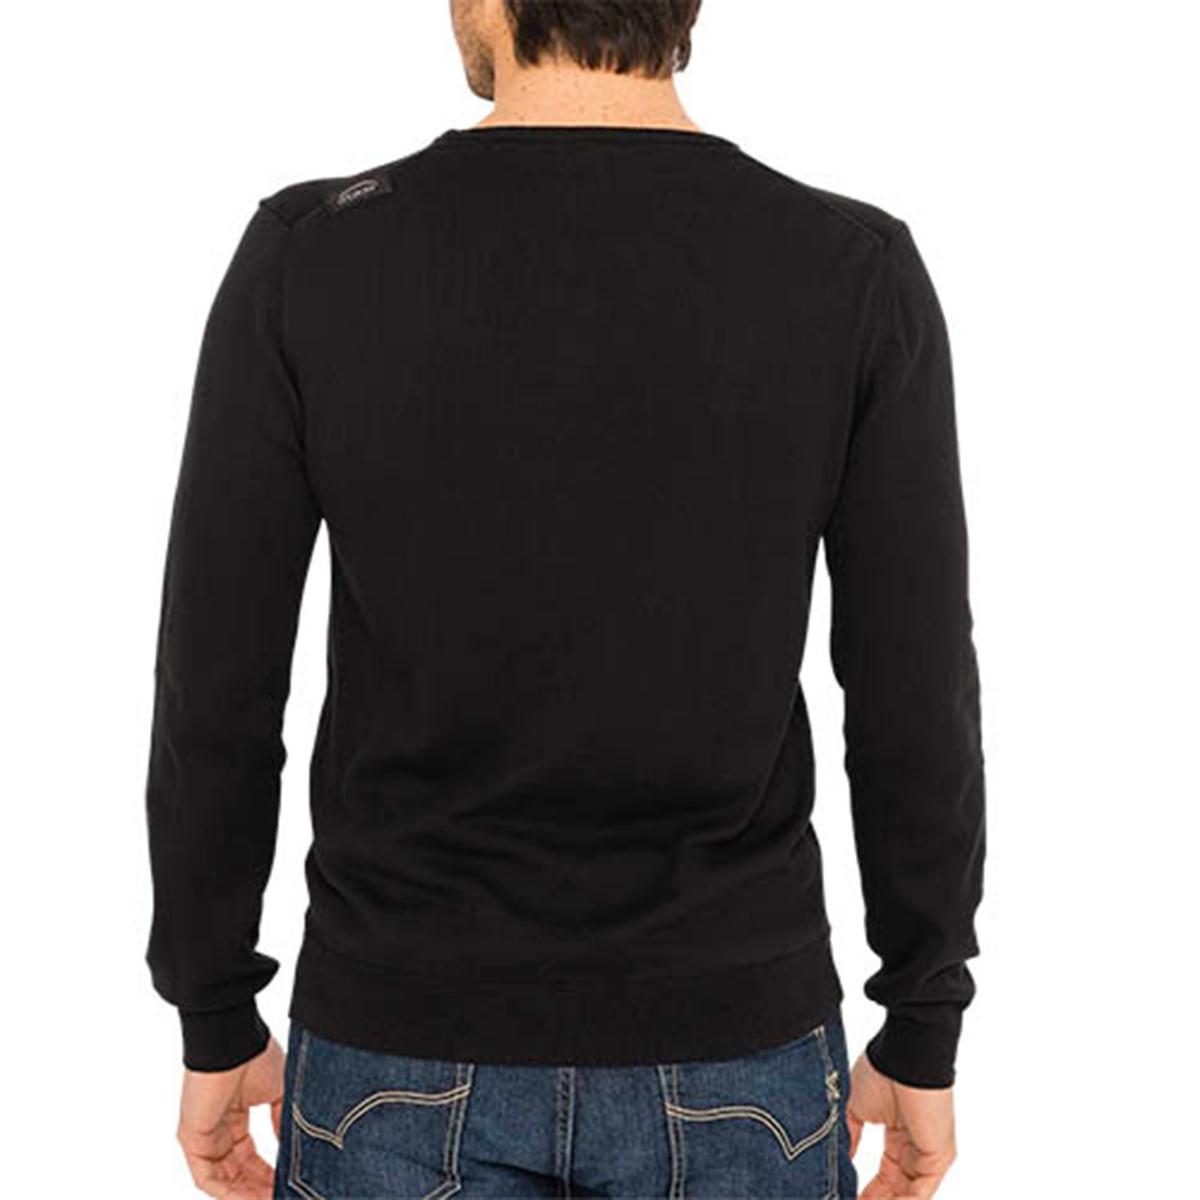 Пуловер с круглым вырезом, из тонкого трикотажаДетали •  Длинные рукава •  Круглый вырез •  Тонкий трикотаж Состав и уход •  100% хлопок •  Следуйте советам по уходу, указанным на этикетке<br><br>Цвет: черный